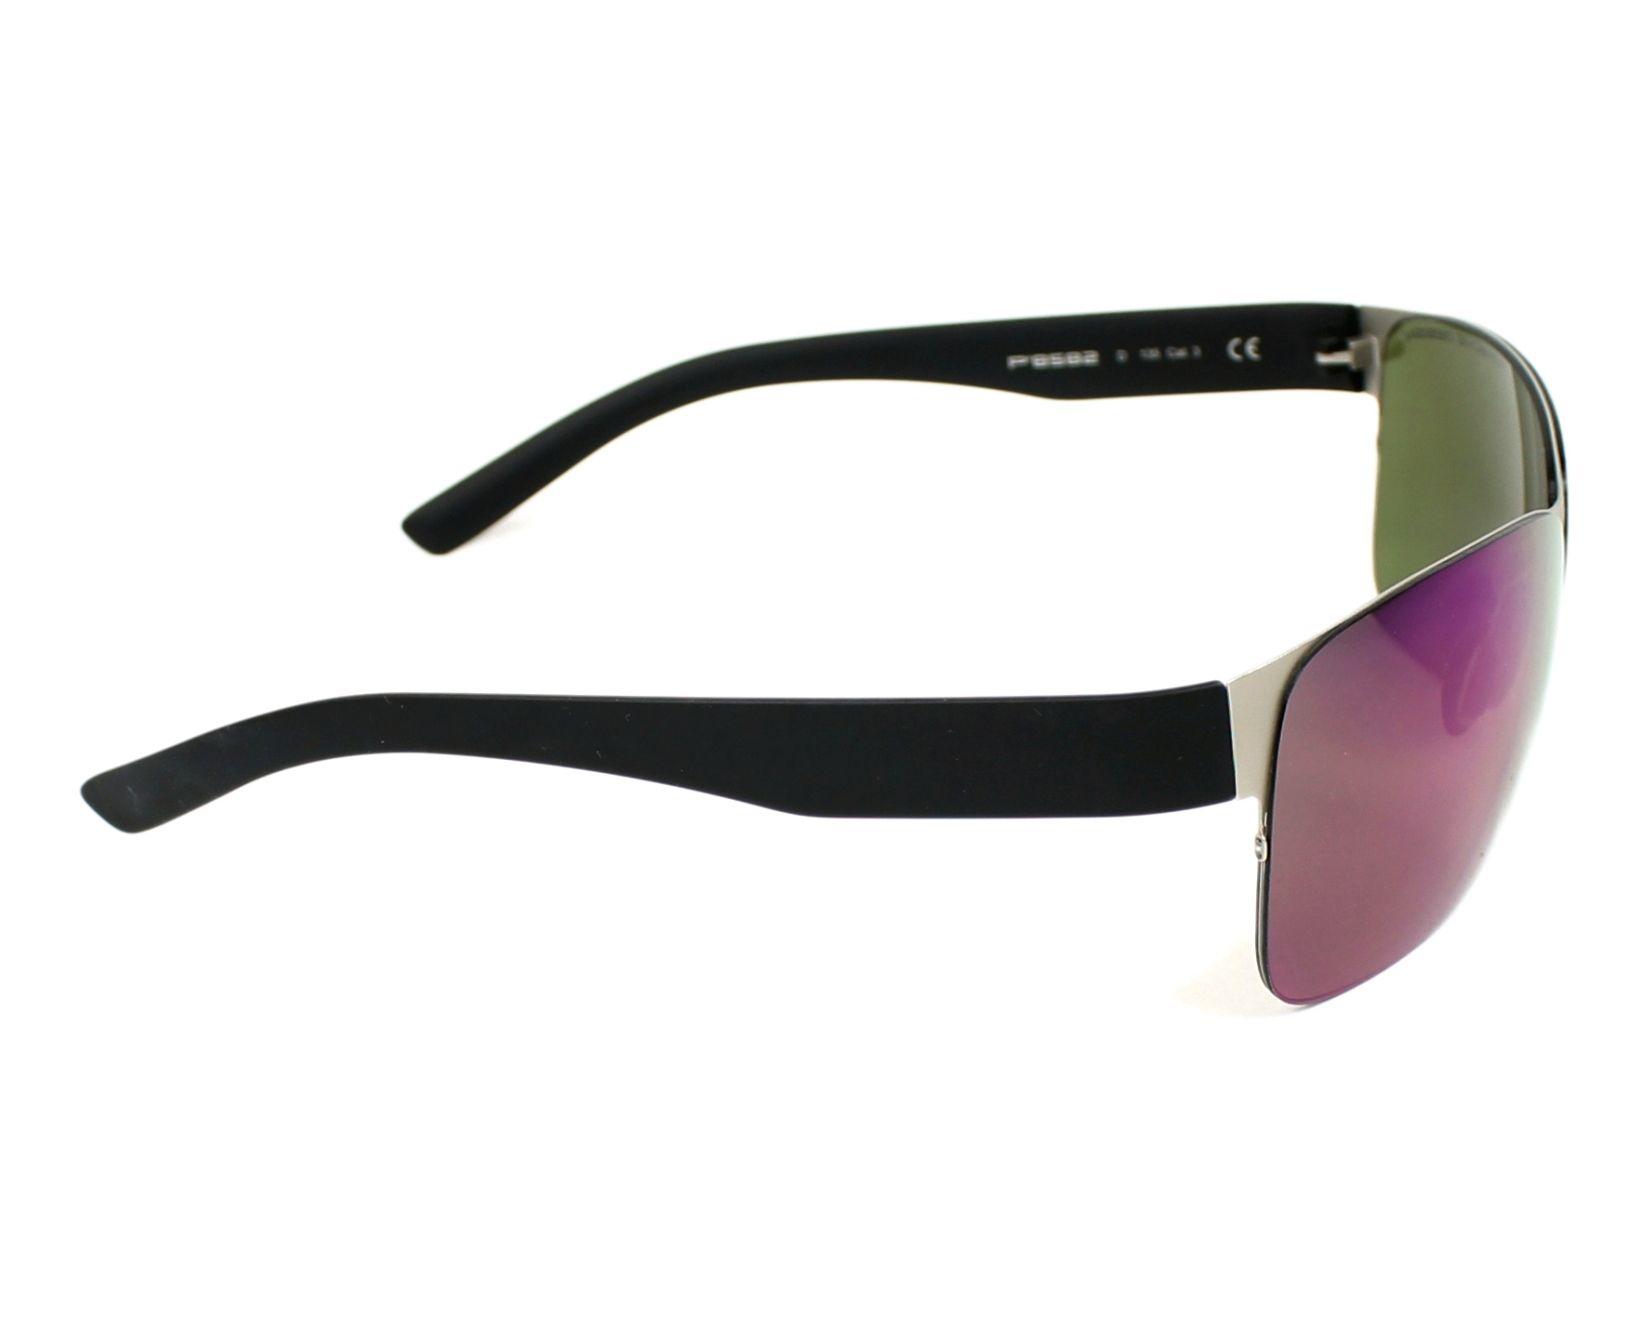 lunettes de soleil porsche design p 8582 d argent avec des verres gris pour hommes. Black Bedroom Furniture Sets. Home Design Ideas